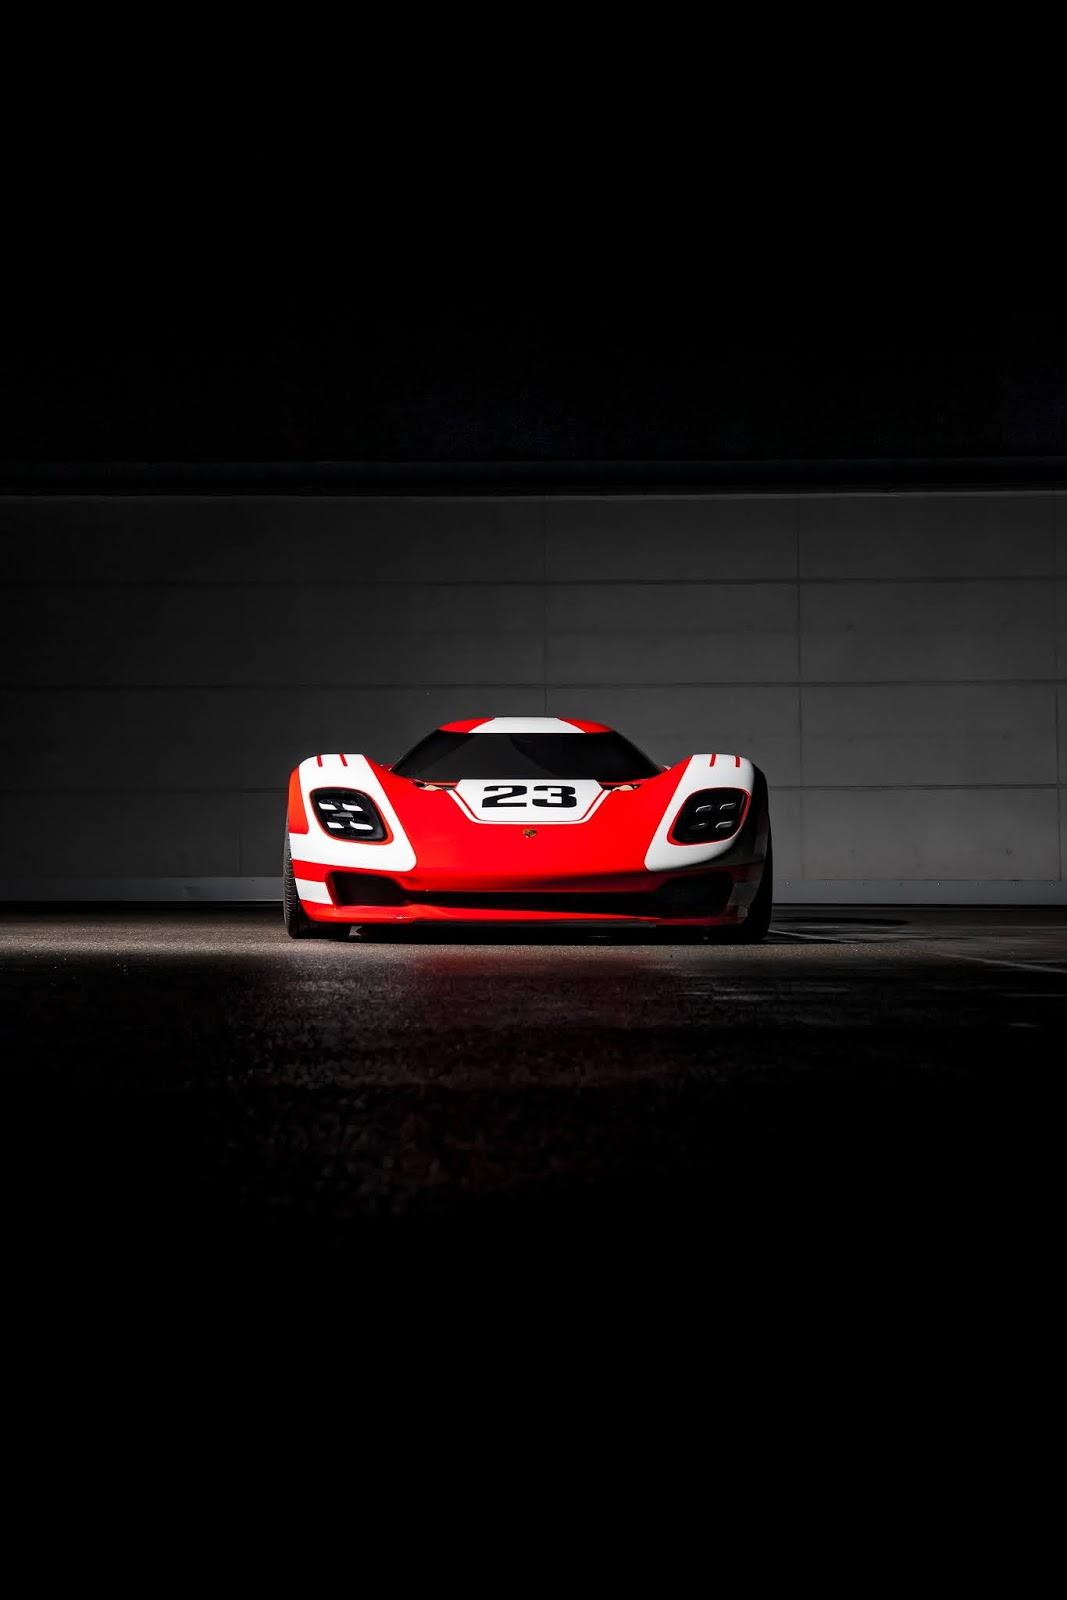 POR2164 Τα άγνωστα Hypercars της Porsche hypercar, Porsche, Porsche Unseen, Sunday, supercar, supercars, zblog, ειδήσεις